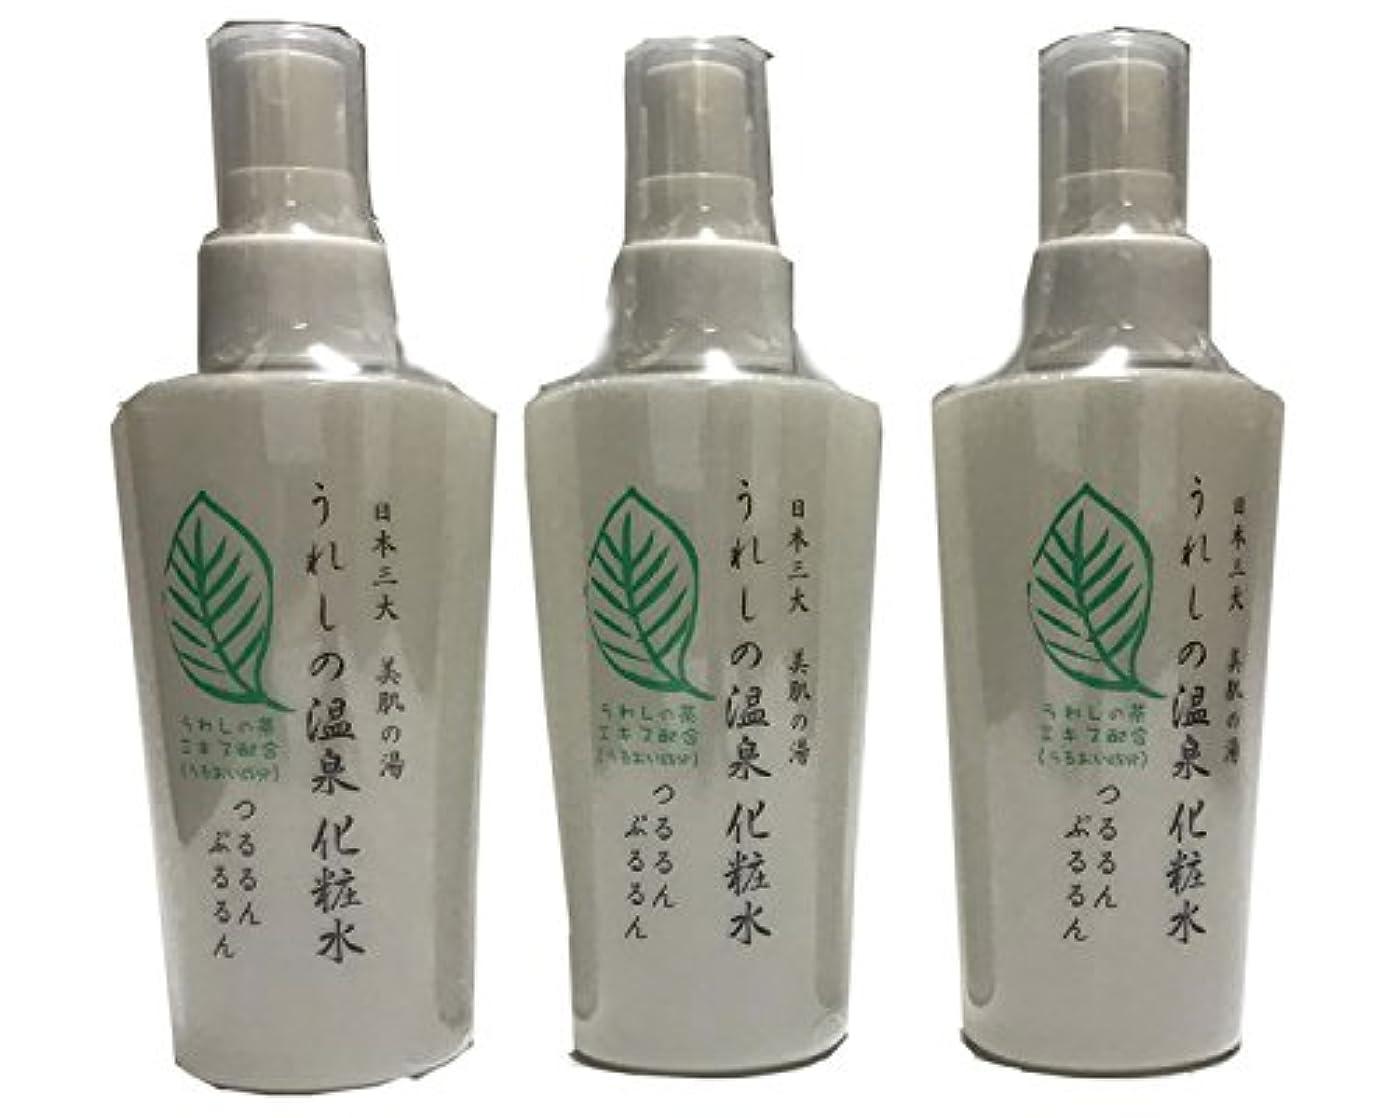 サイレン地域の注釈を付ける嬉野温泉 うれしの温泉化粧水 3本セット